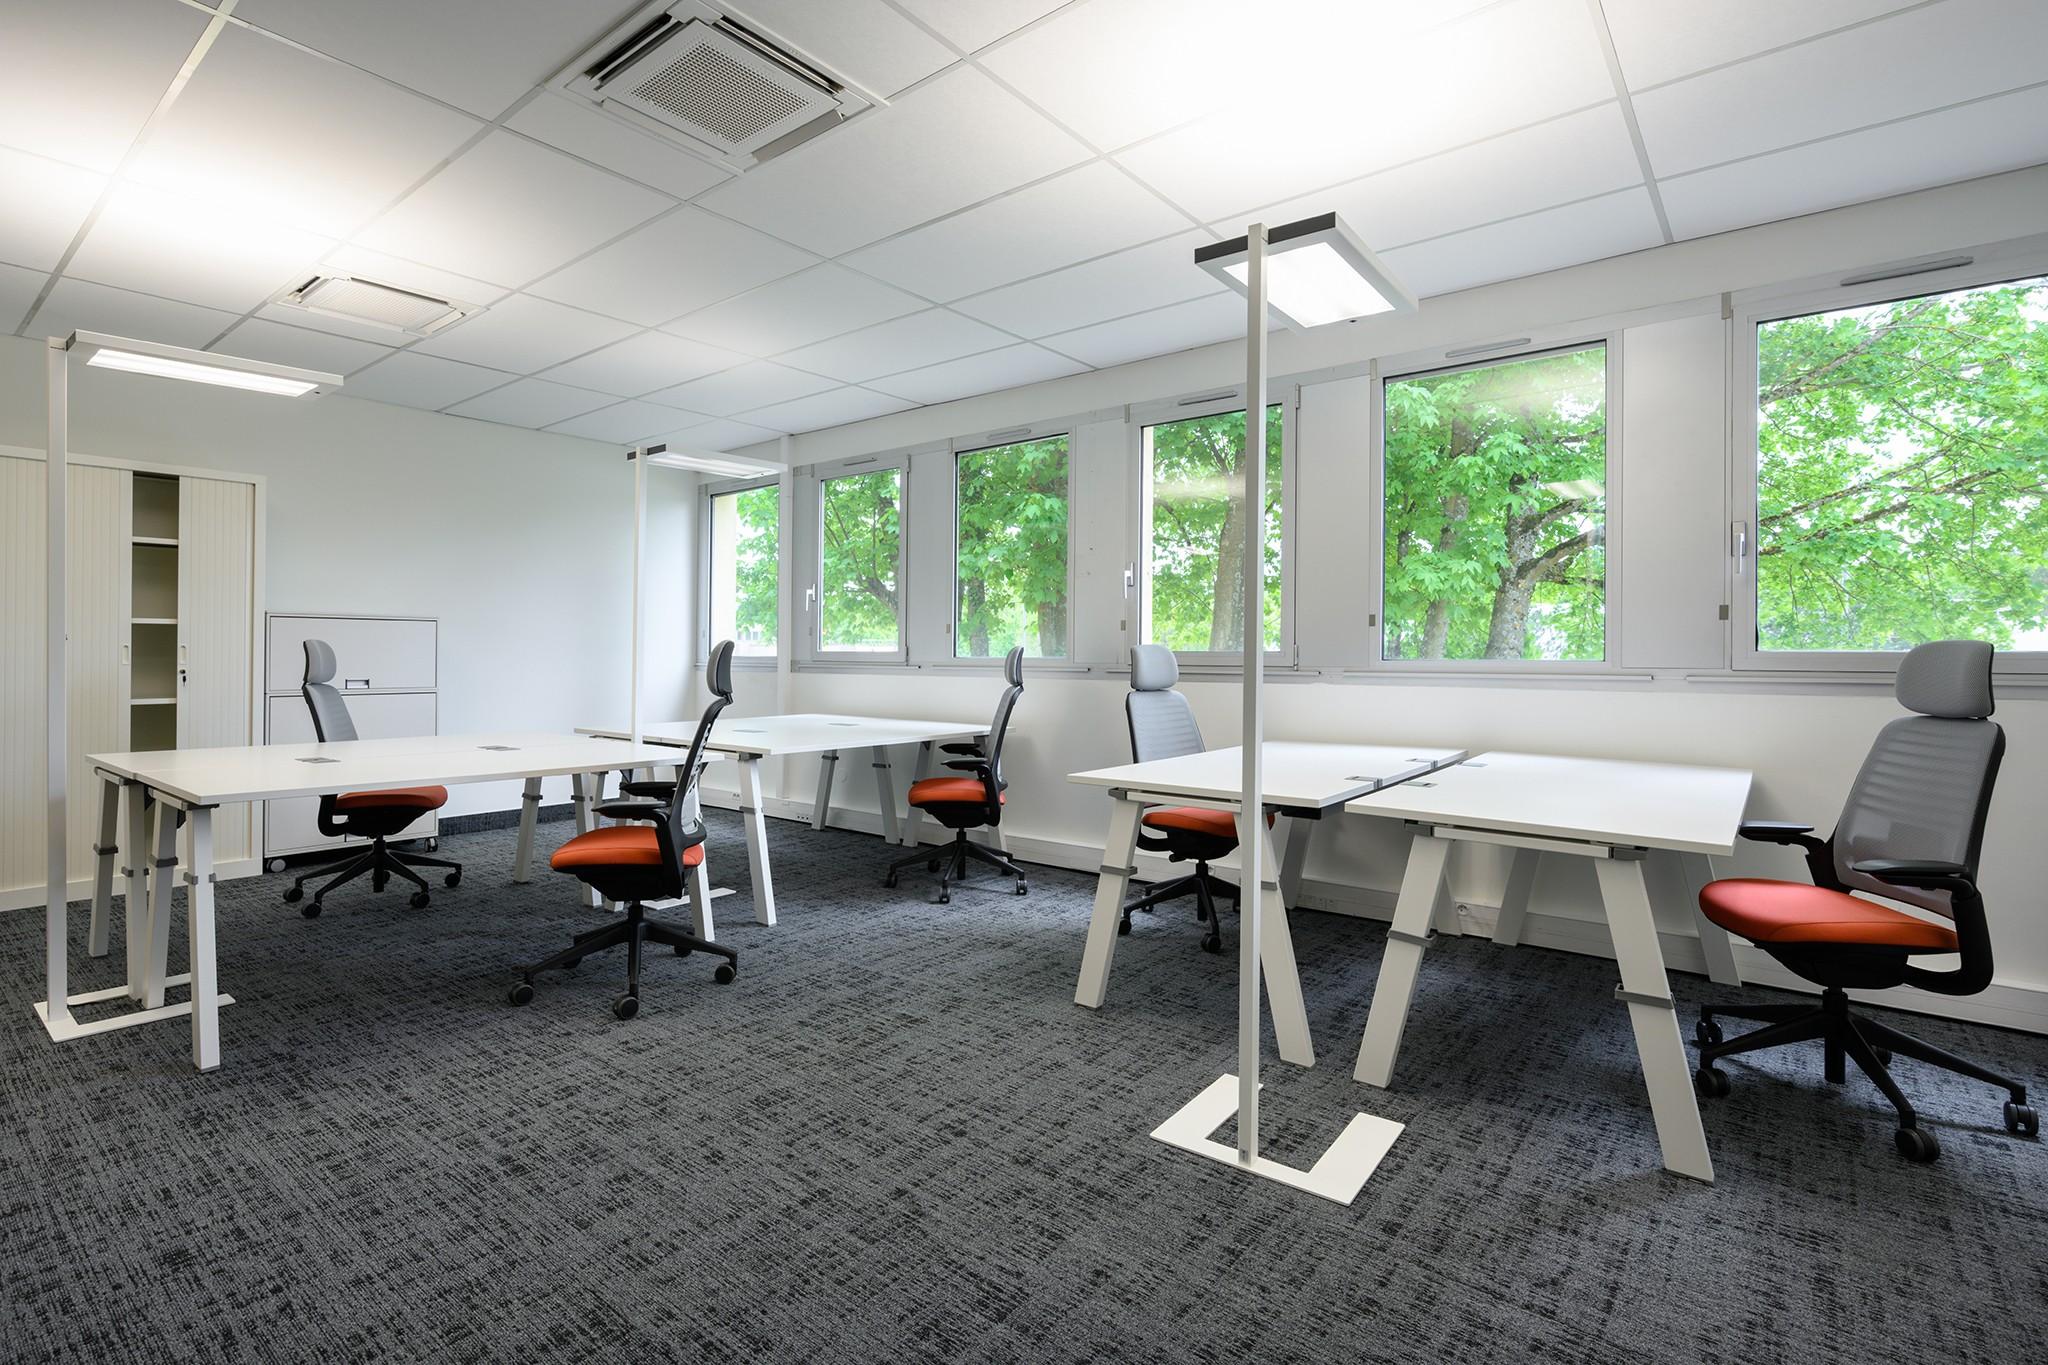 Photo de bureaux. Immobilier d'entreprise à Nancy & Meurthe-et-Moselle